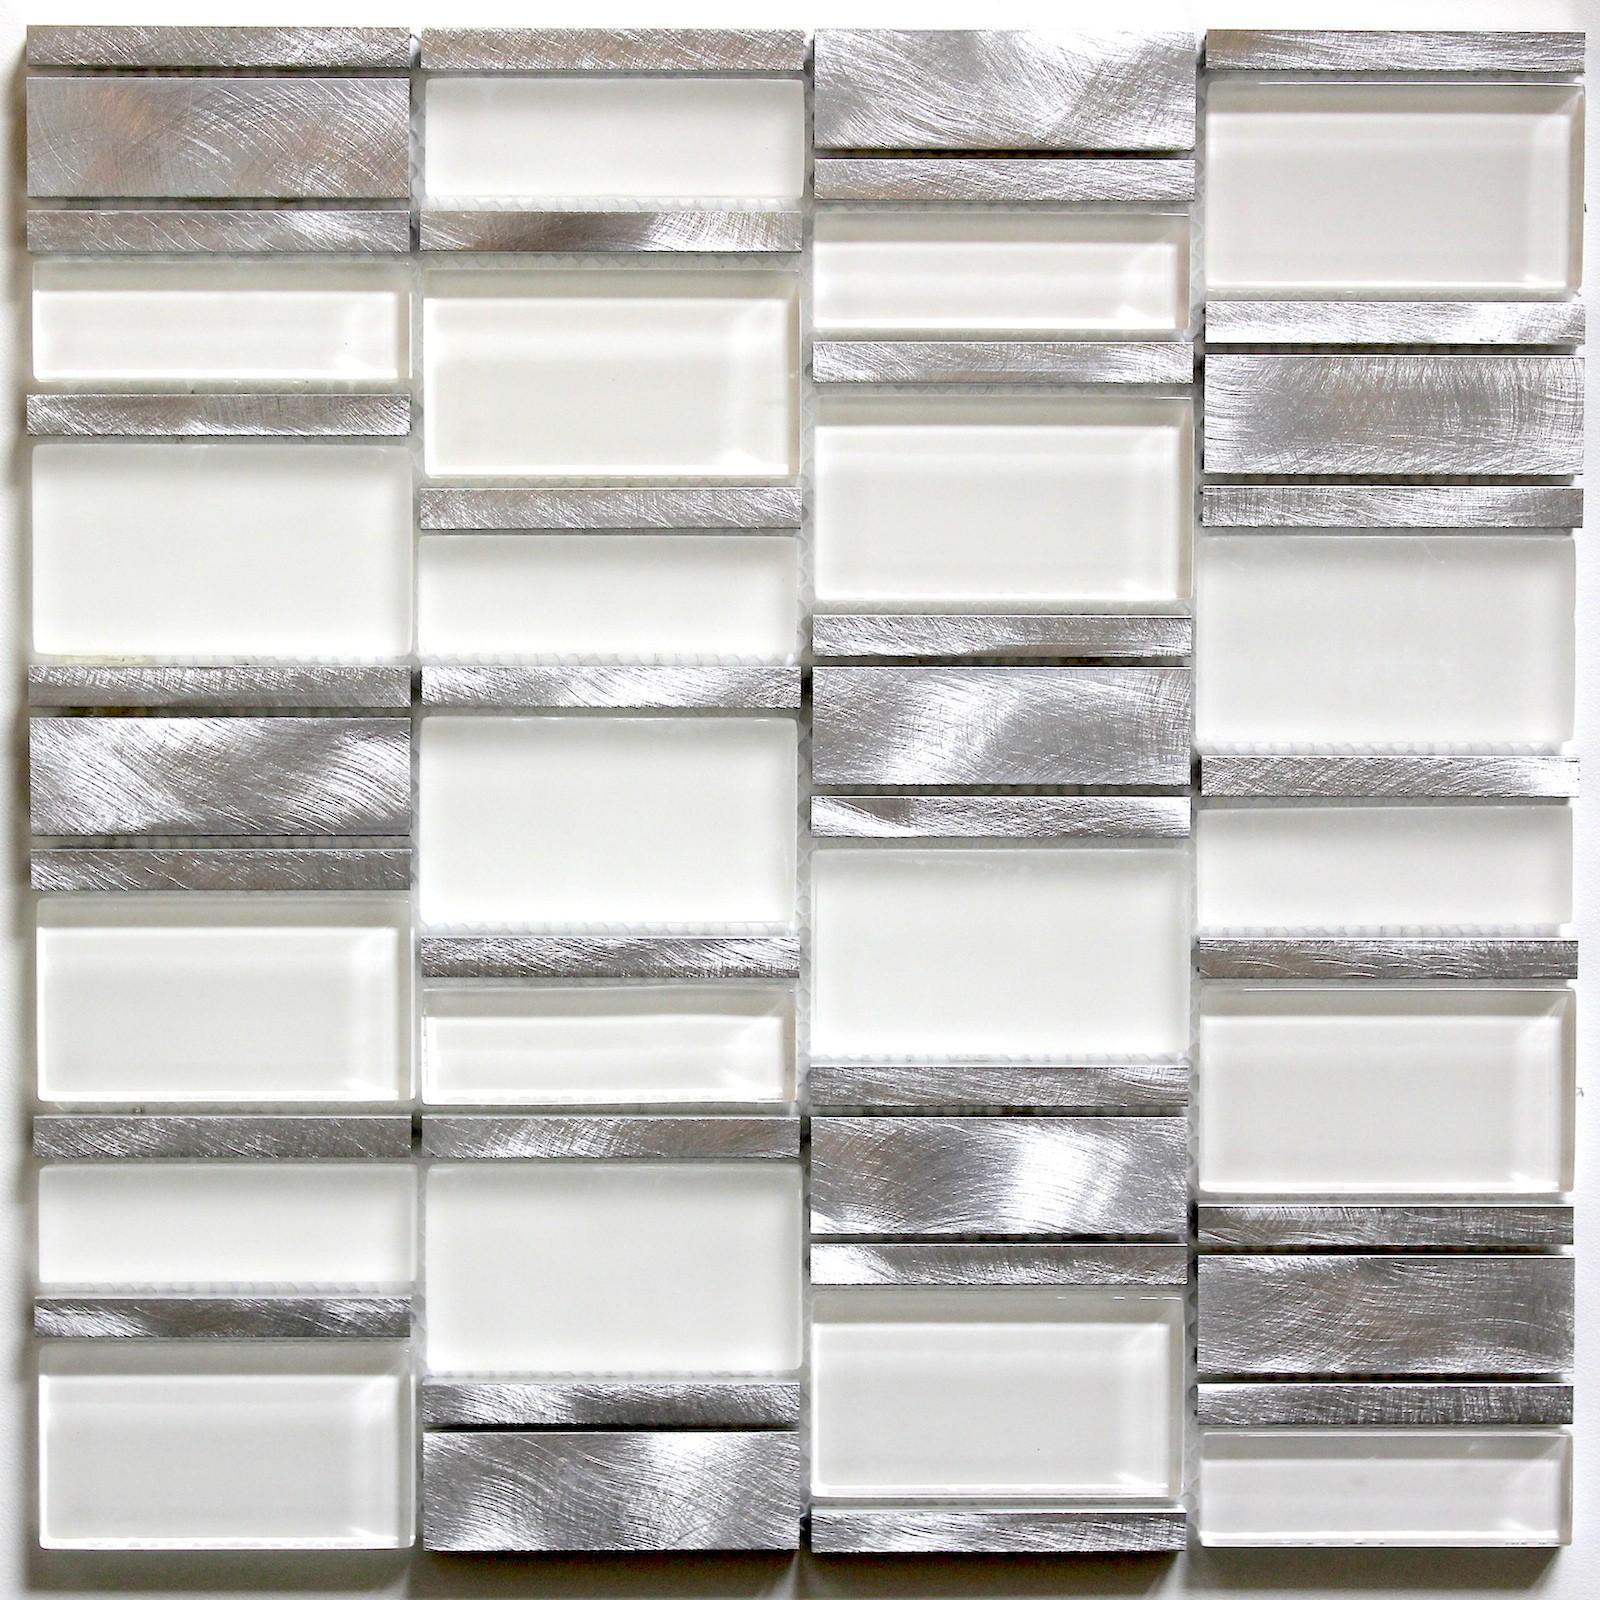 Specialiste Salle De Bain Toulouse ~ Dalle Mosaique Aluminium Et Verre Carrelage Cuisine Cr Dence Ceti